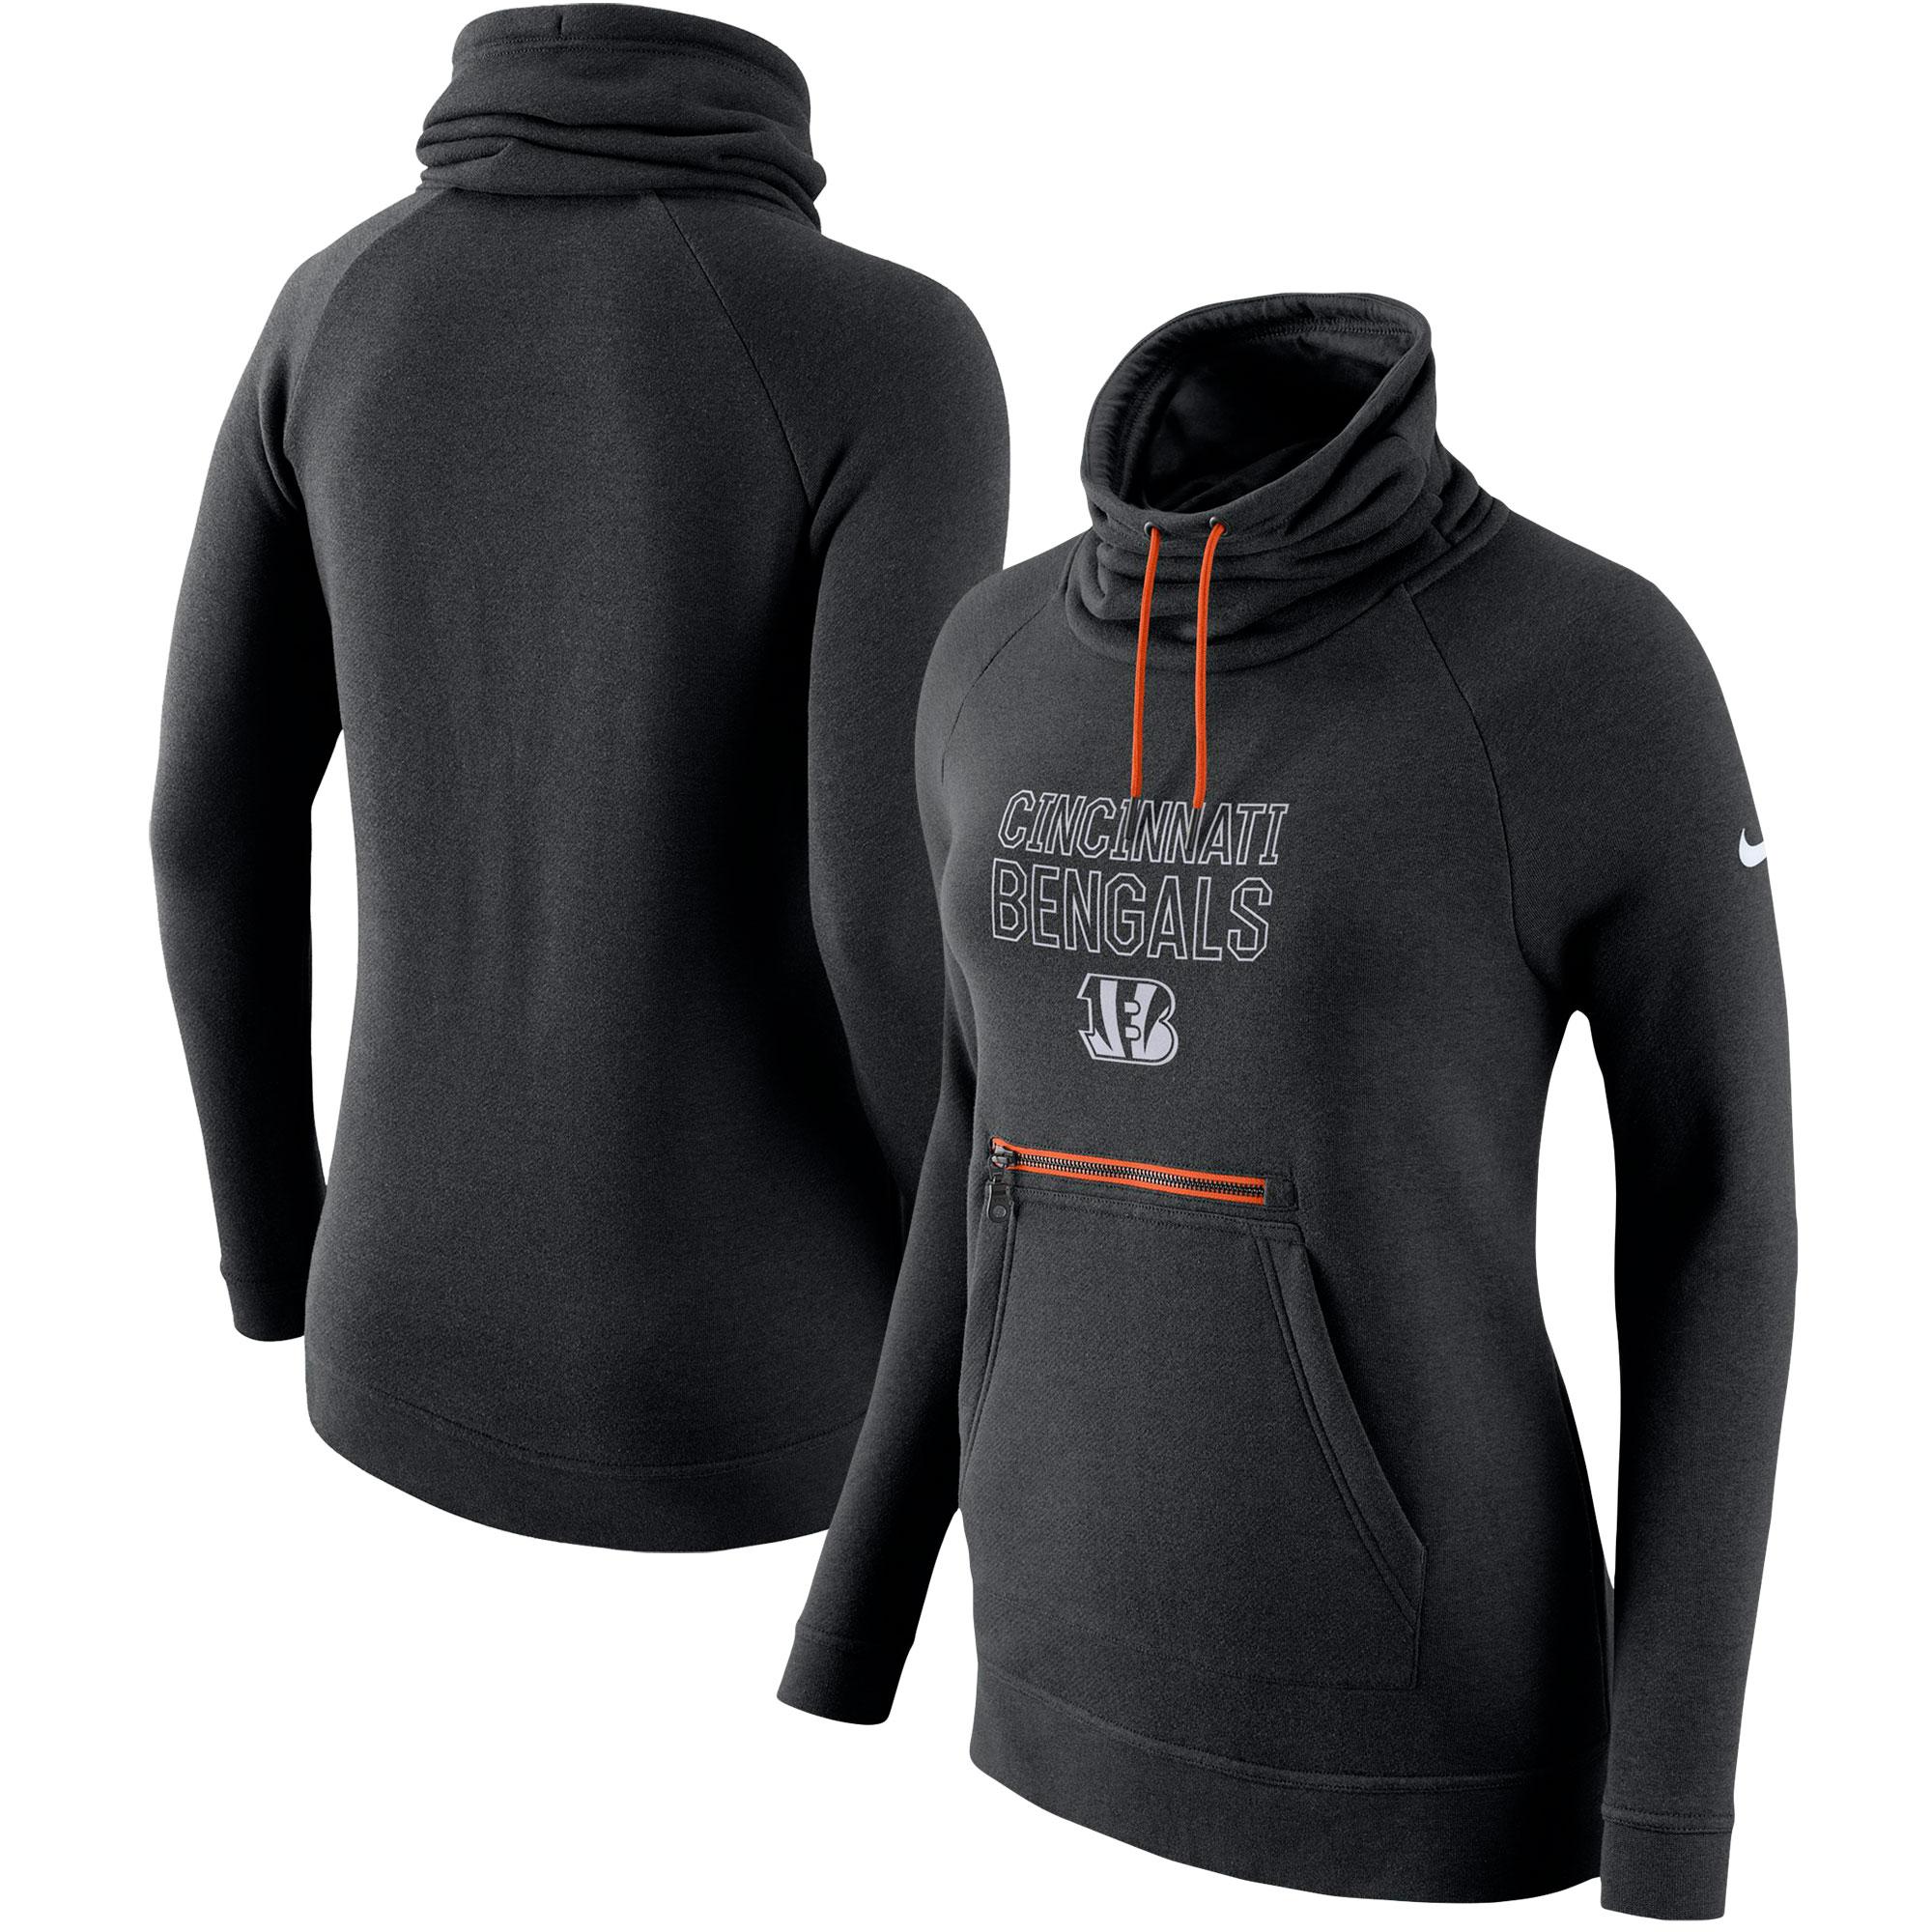 Cincinnati Bengals Nike Women's Tri-Blend Modern Funnel Hoodie - Black